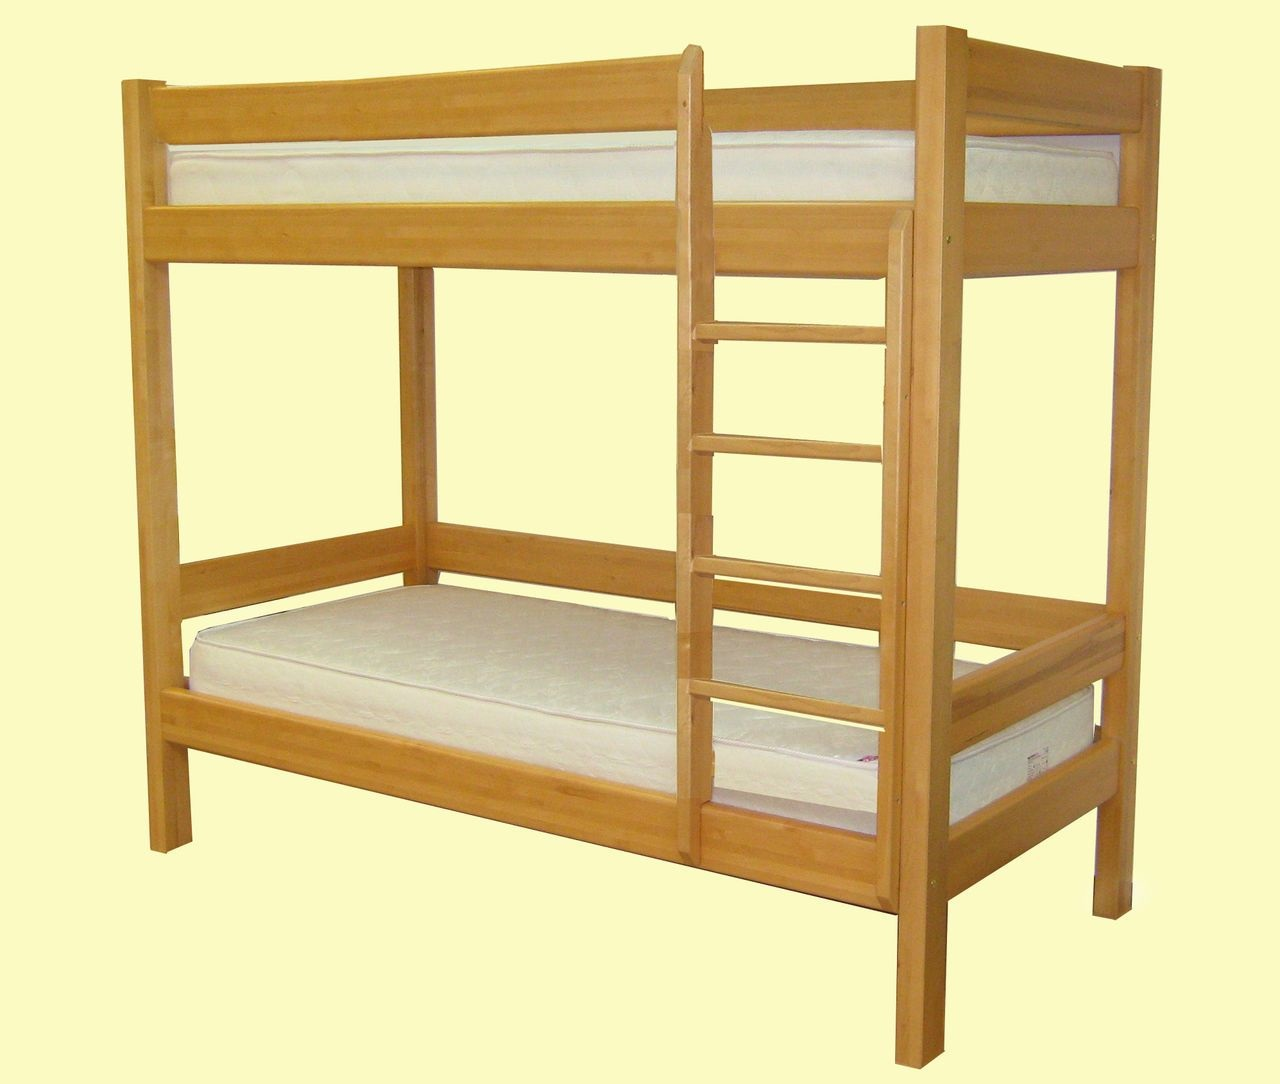 изготовление кровати самостоятельно